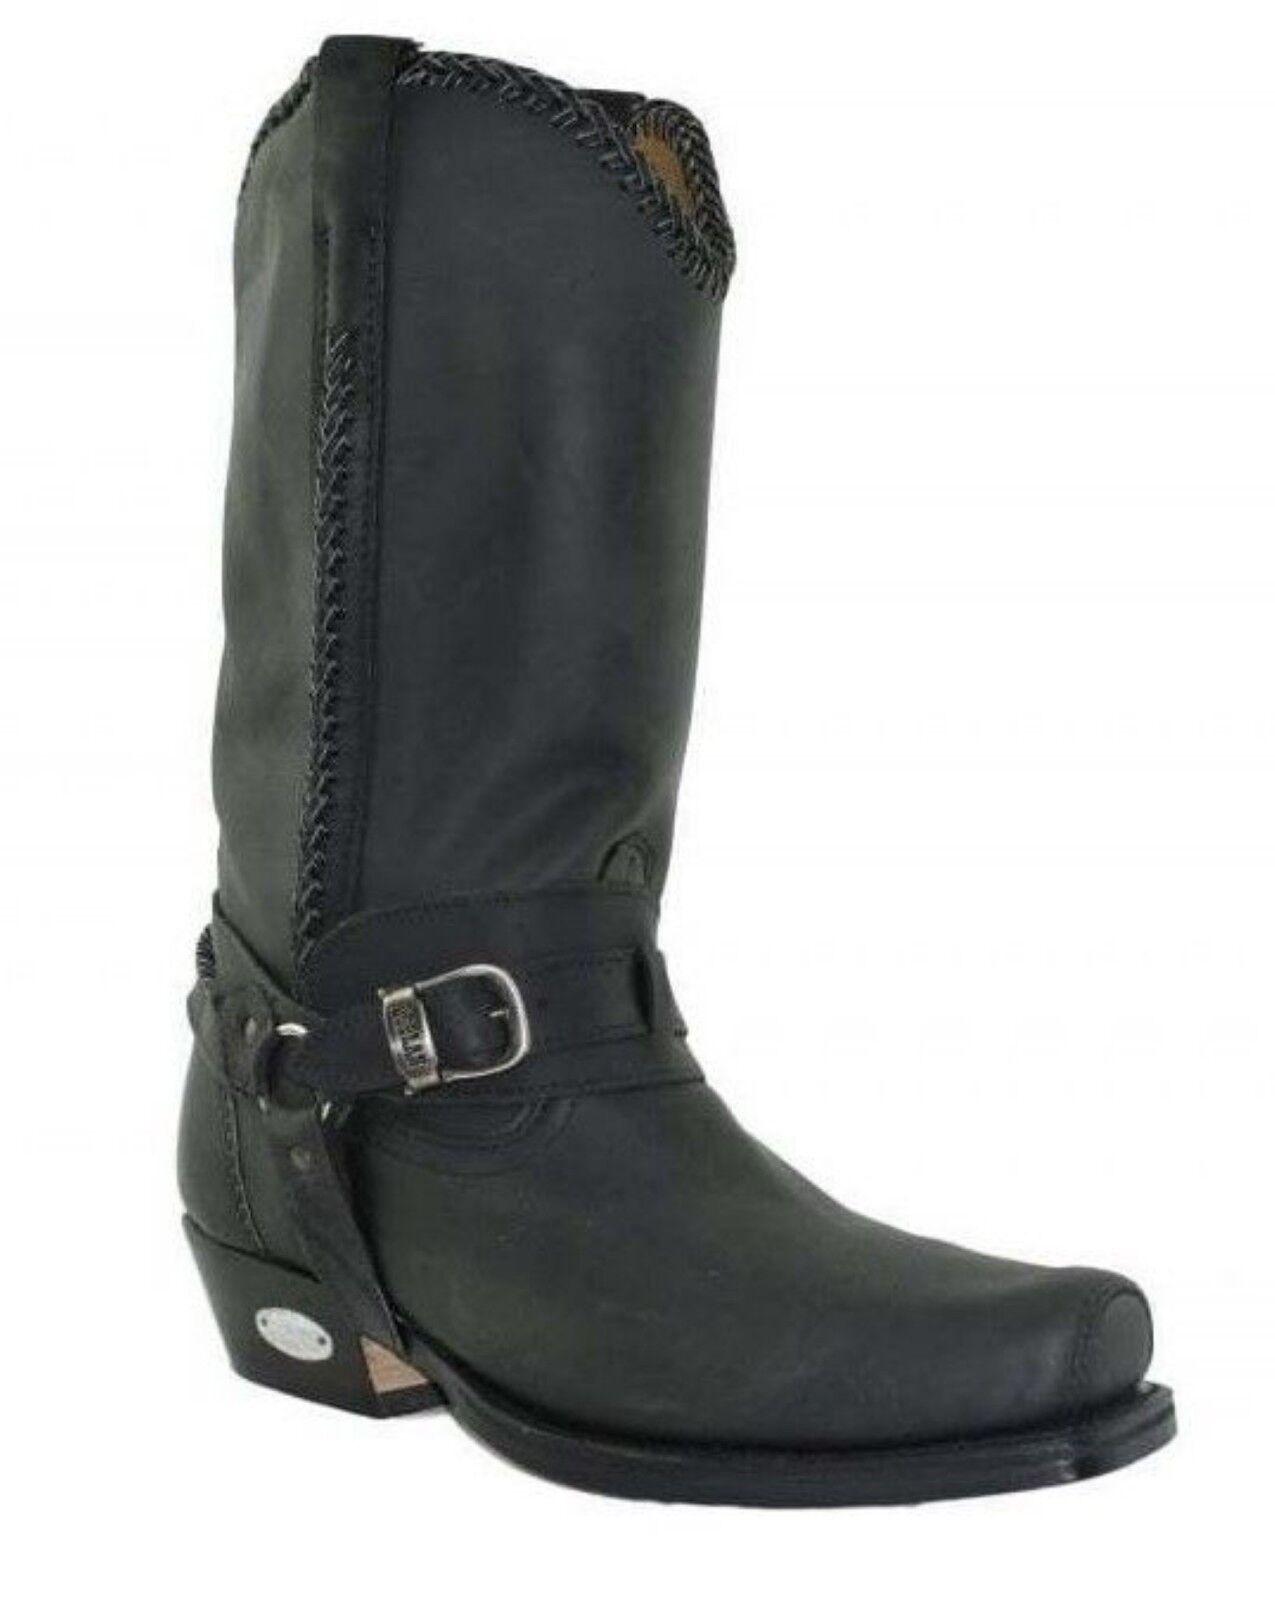 Loblan 548 Negro Cuero Ceroso Para Hombre botas de vaquero occidental Puntera Cuadrada Cincel de motorista